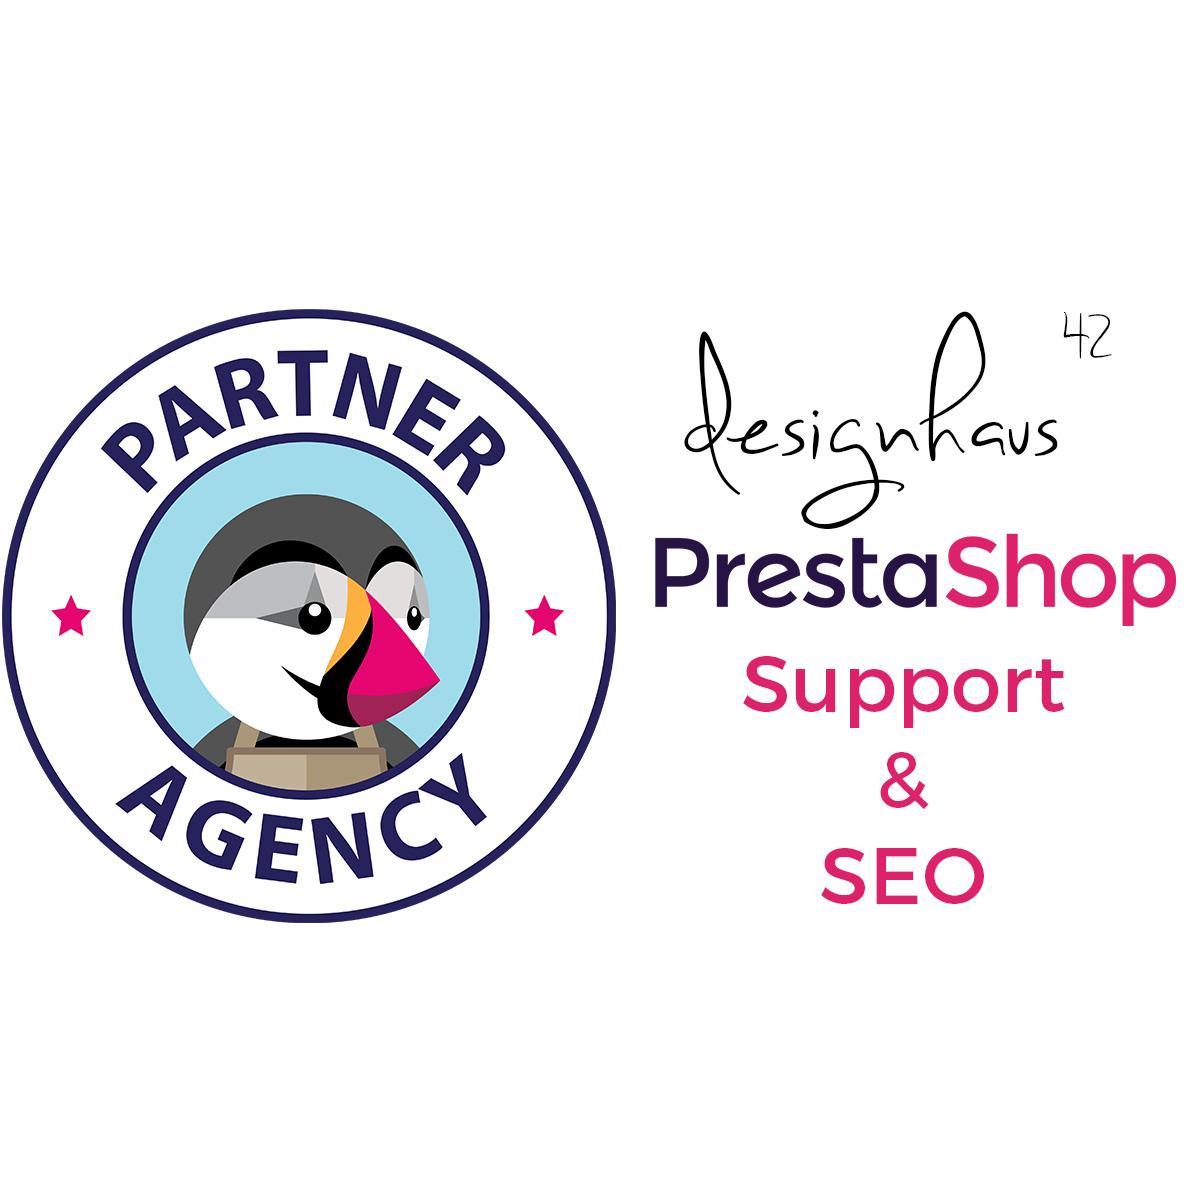 PrestaShop support at affordable prices. We are PrestaShop experts